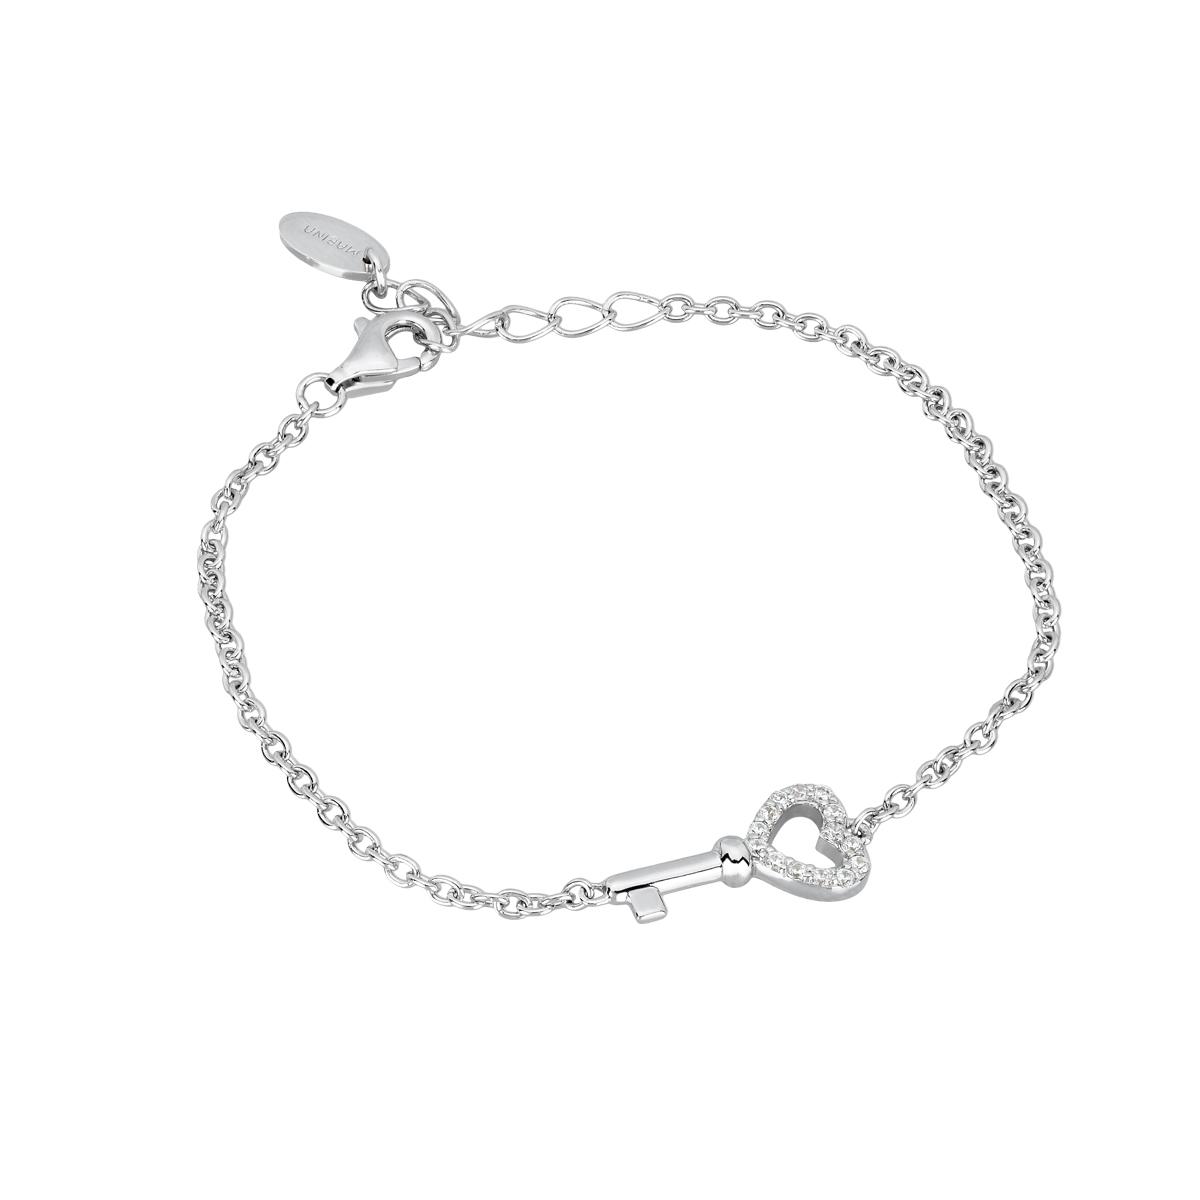 Bracciale in argento chiave con zirconi